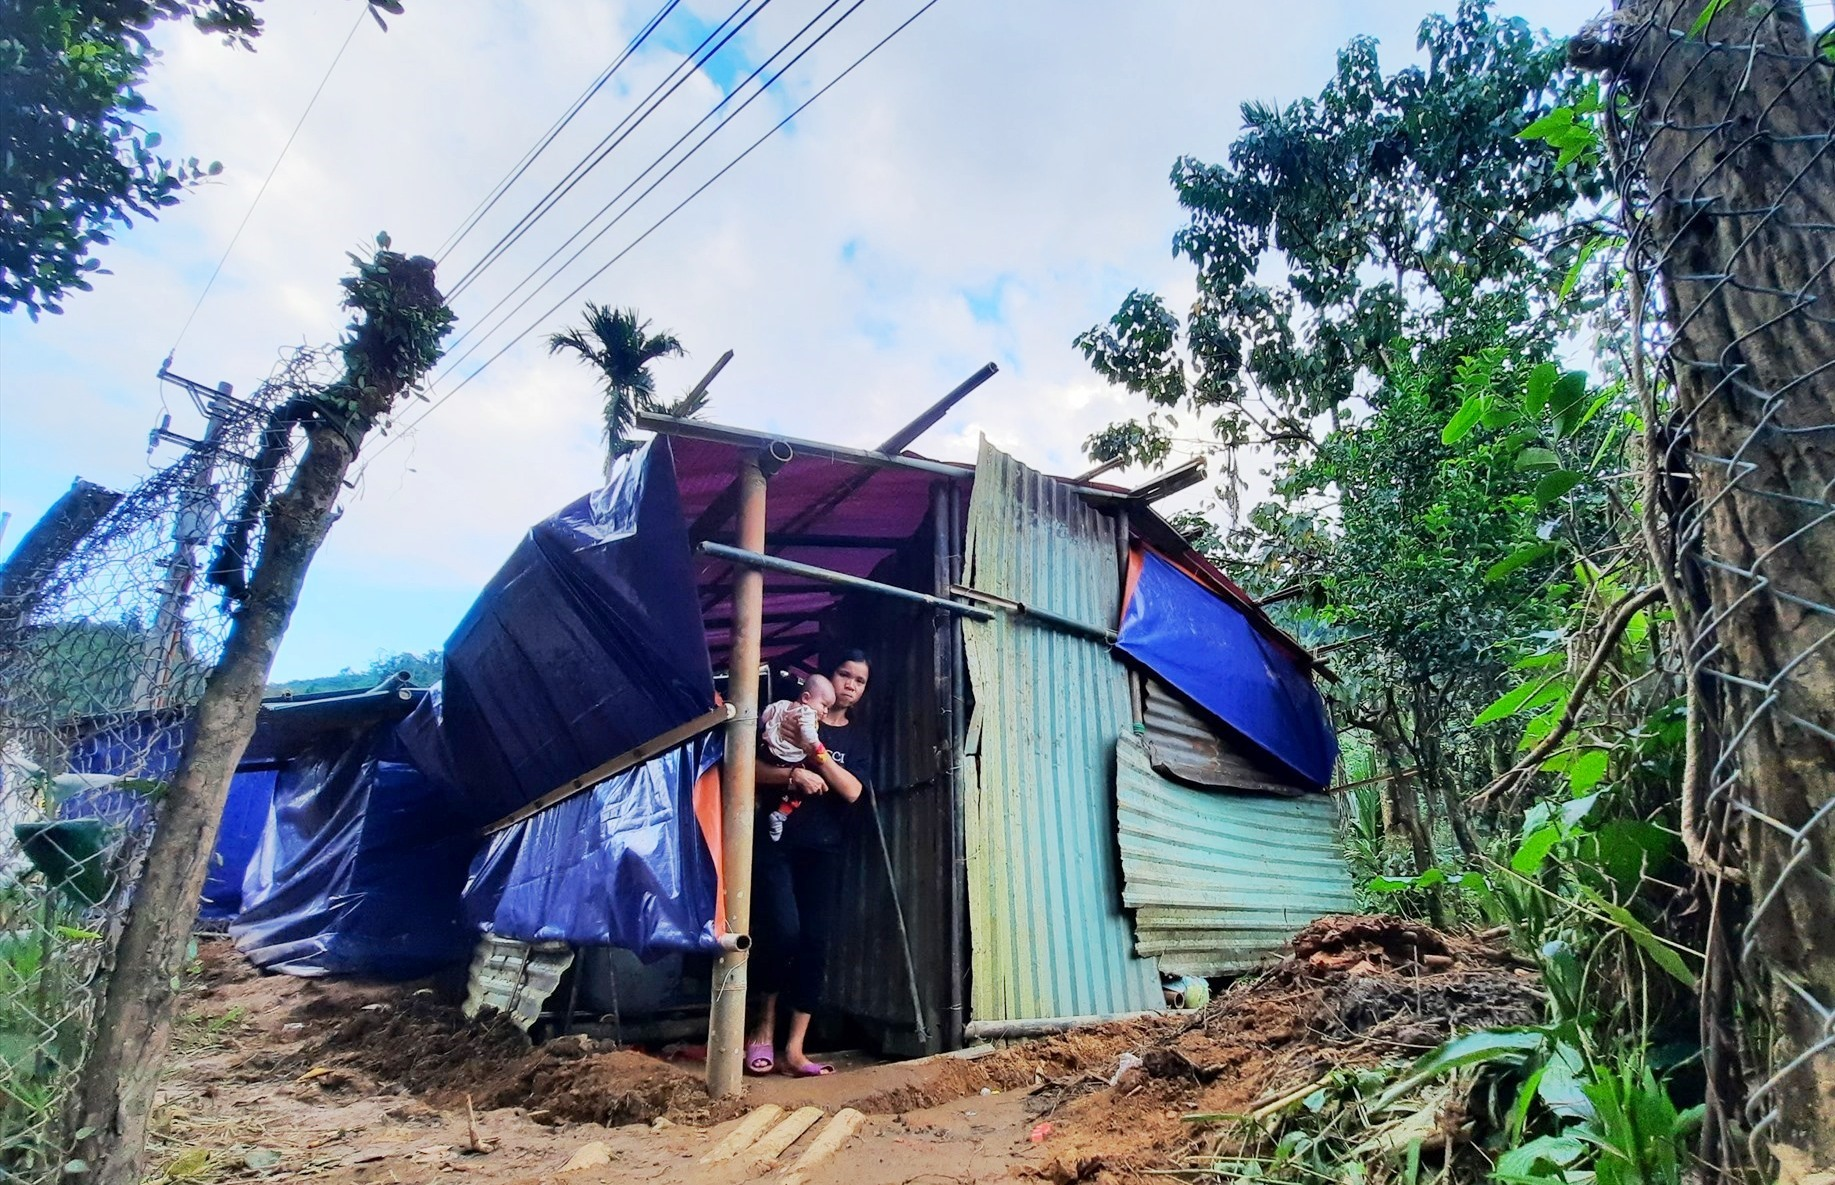 Căn nhà tạm giúp người dân tránh trú tạm thời qua hết mùa mưa bão. Ảnh: HỒ QUÂN